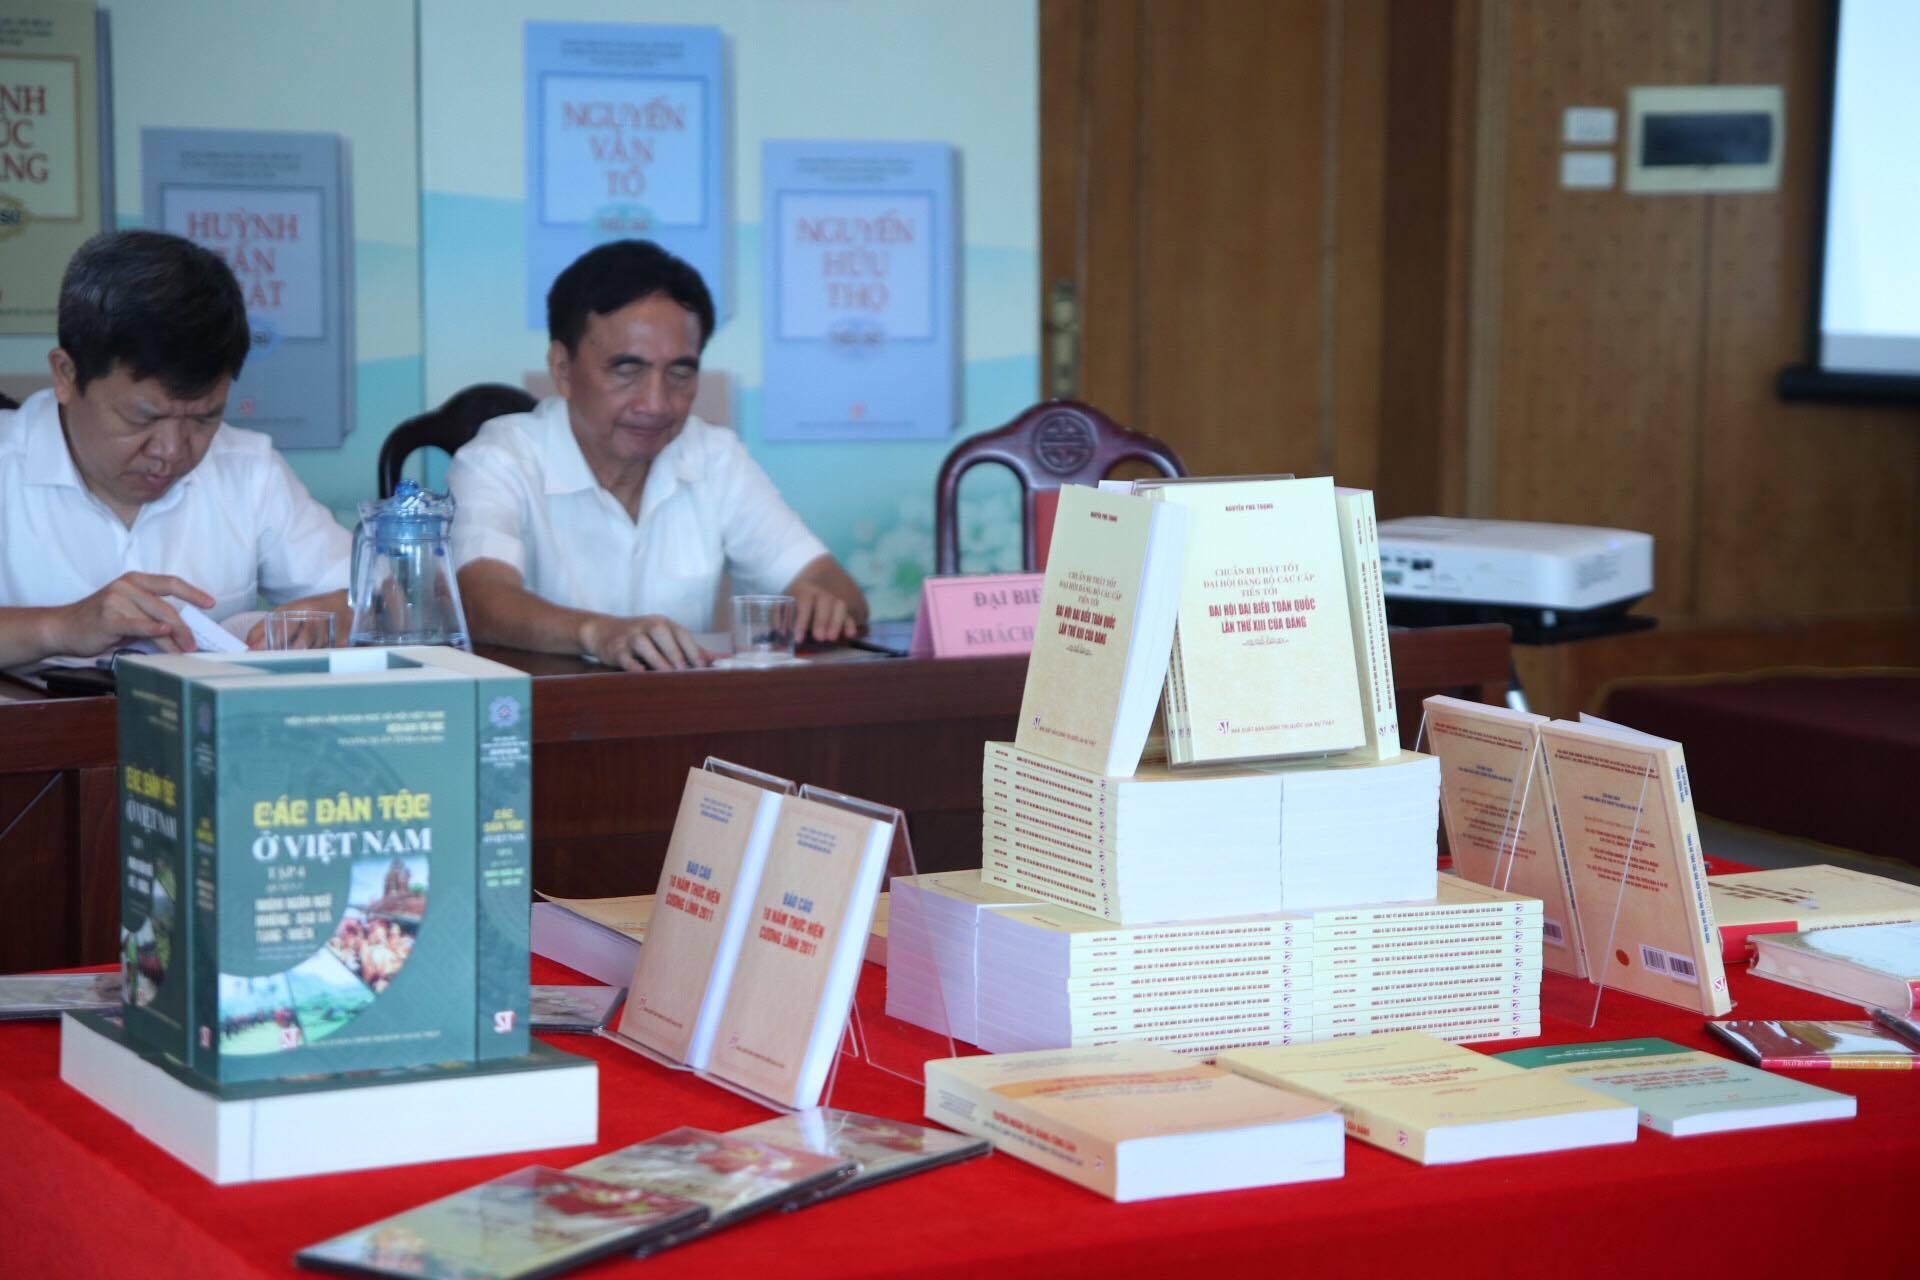 NXB Chính trị quốc gia - Sự thật công bố 400 ấn phẩm mới